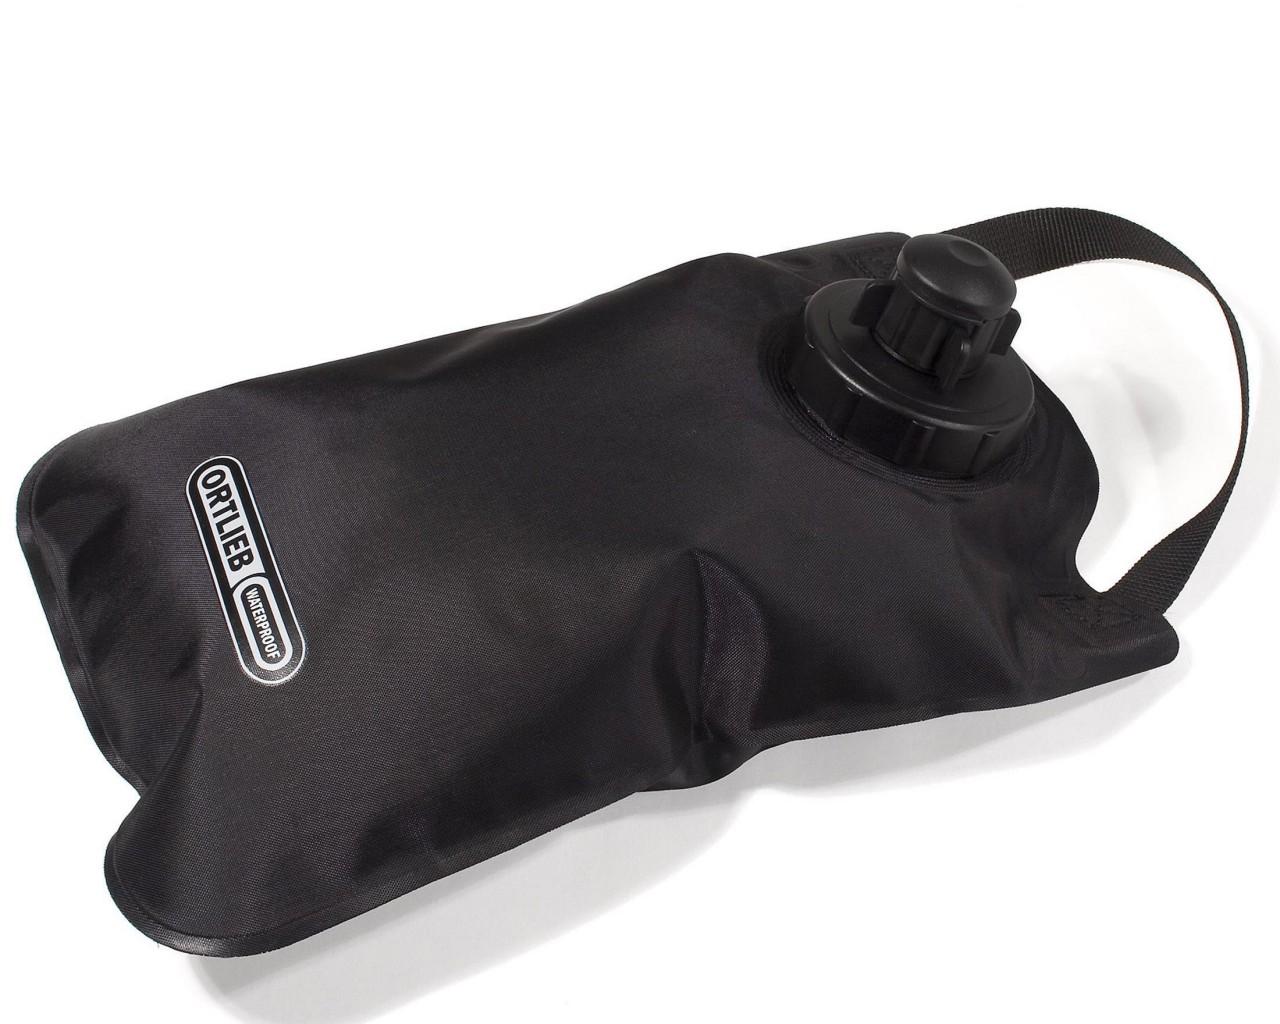 Ortlieb water bag 2 liter   black